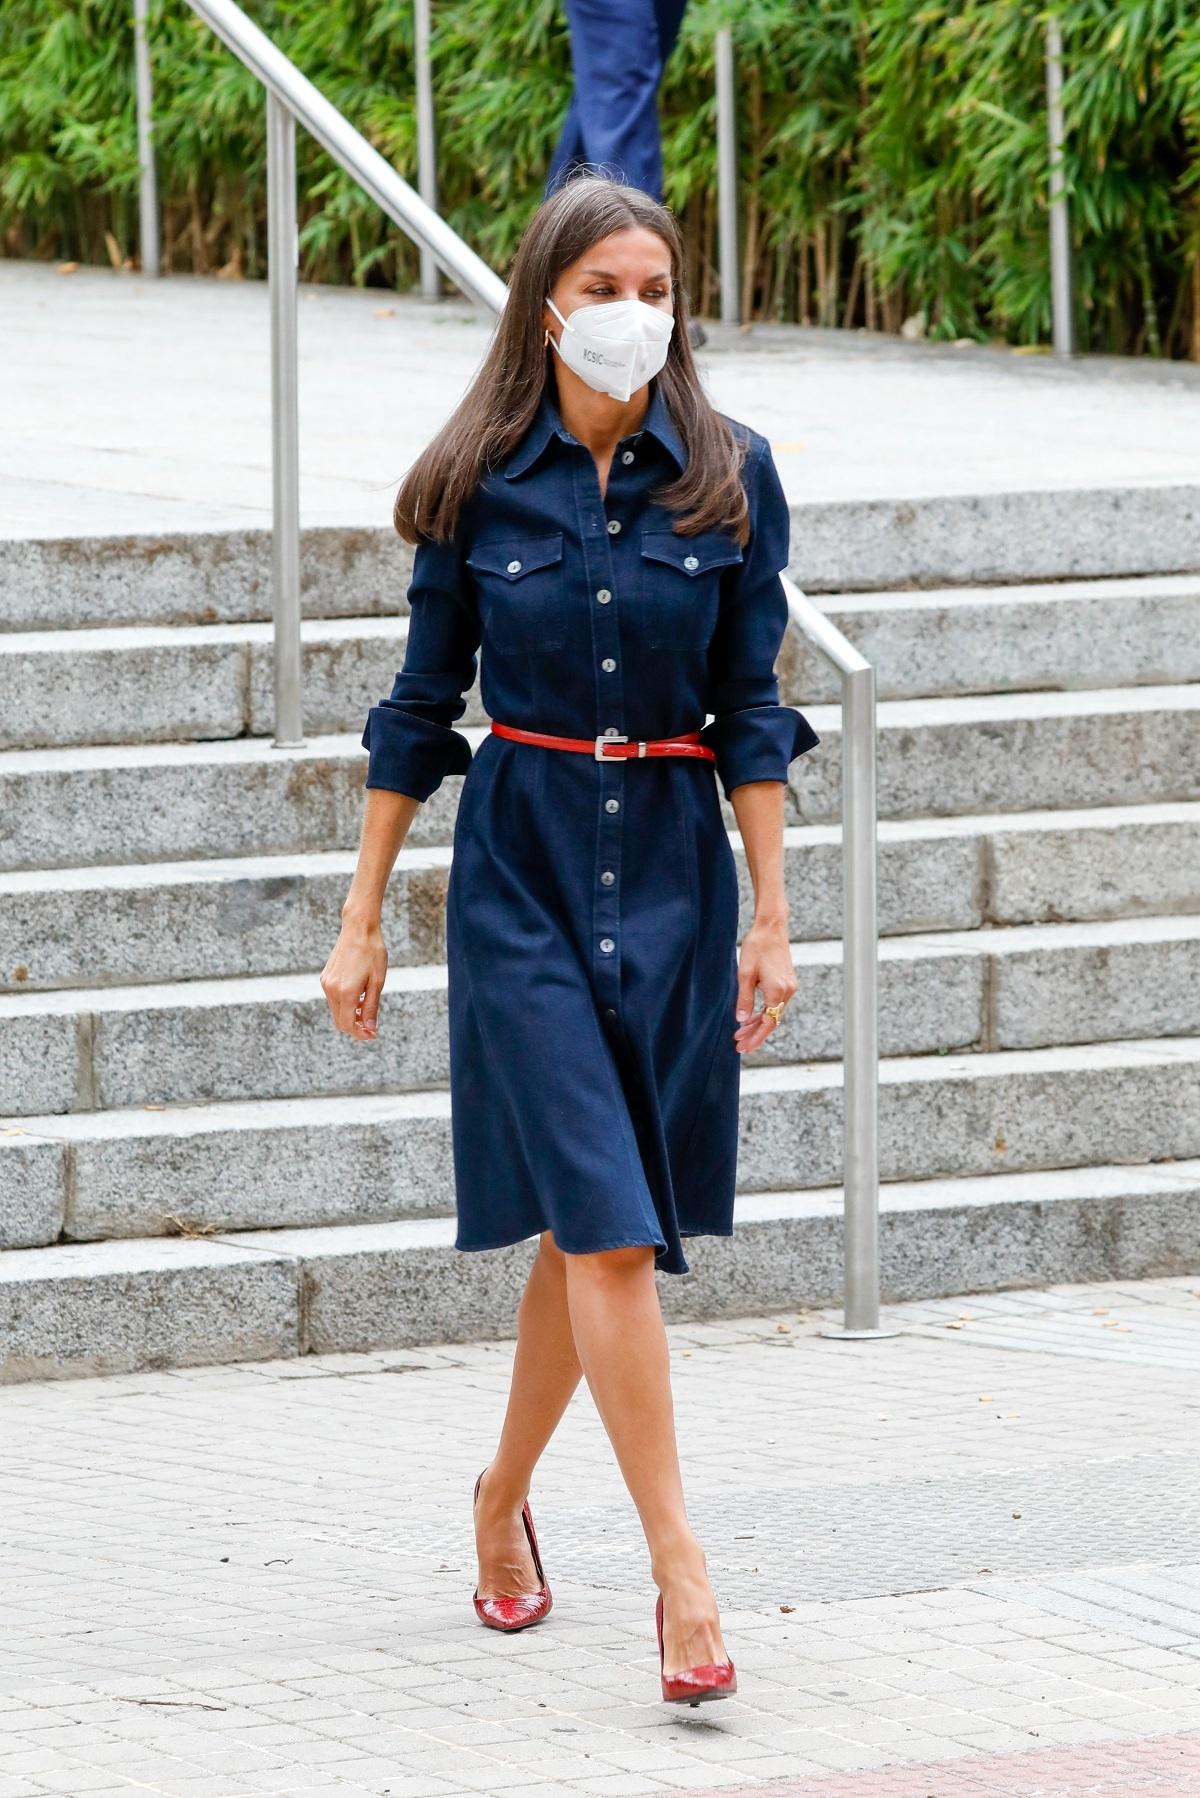 El look de la Reina Letizia con un vestido en denim.